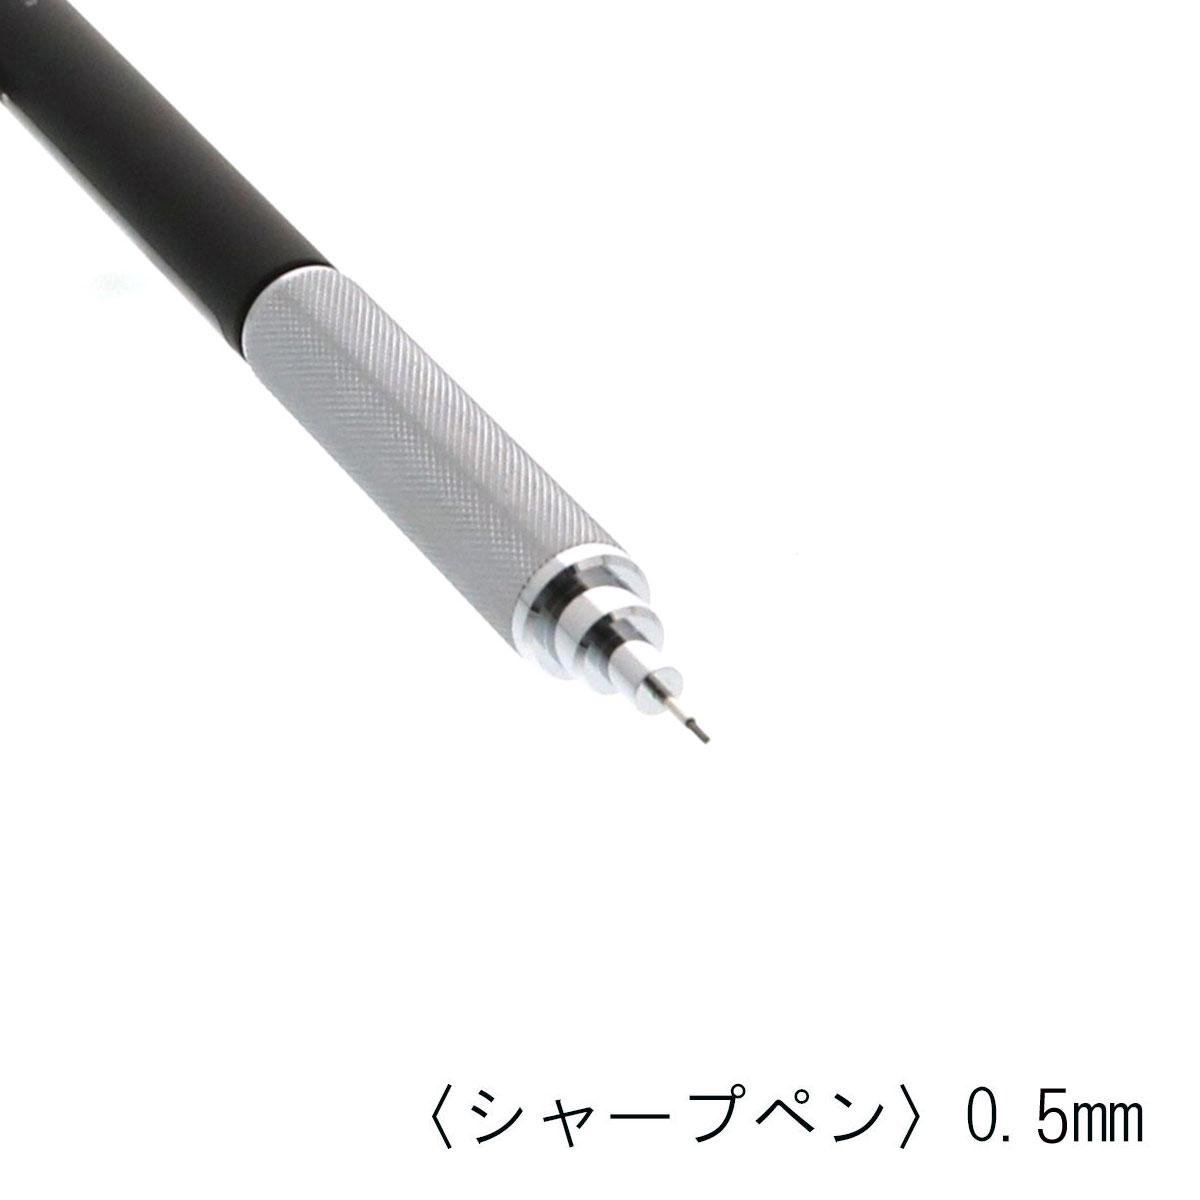 三菱鉛筆 シフト シャープペンシル 0.5mm ブラック